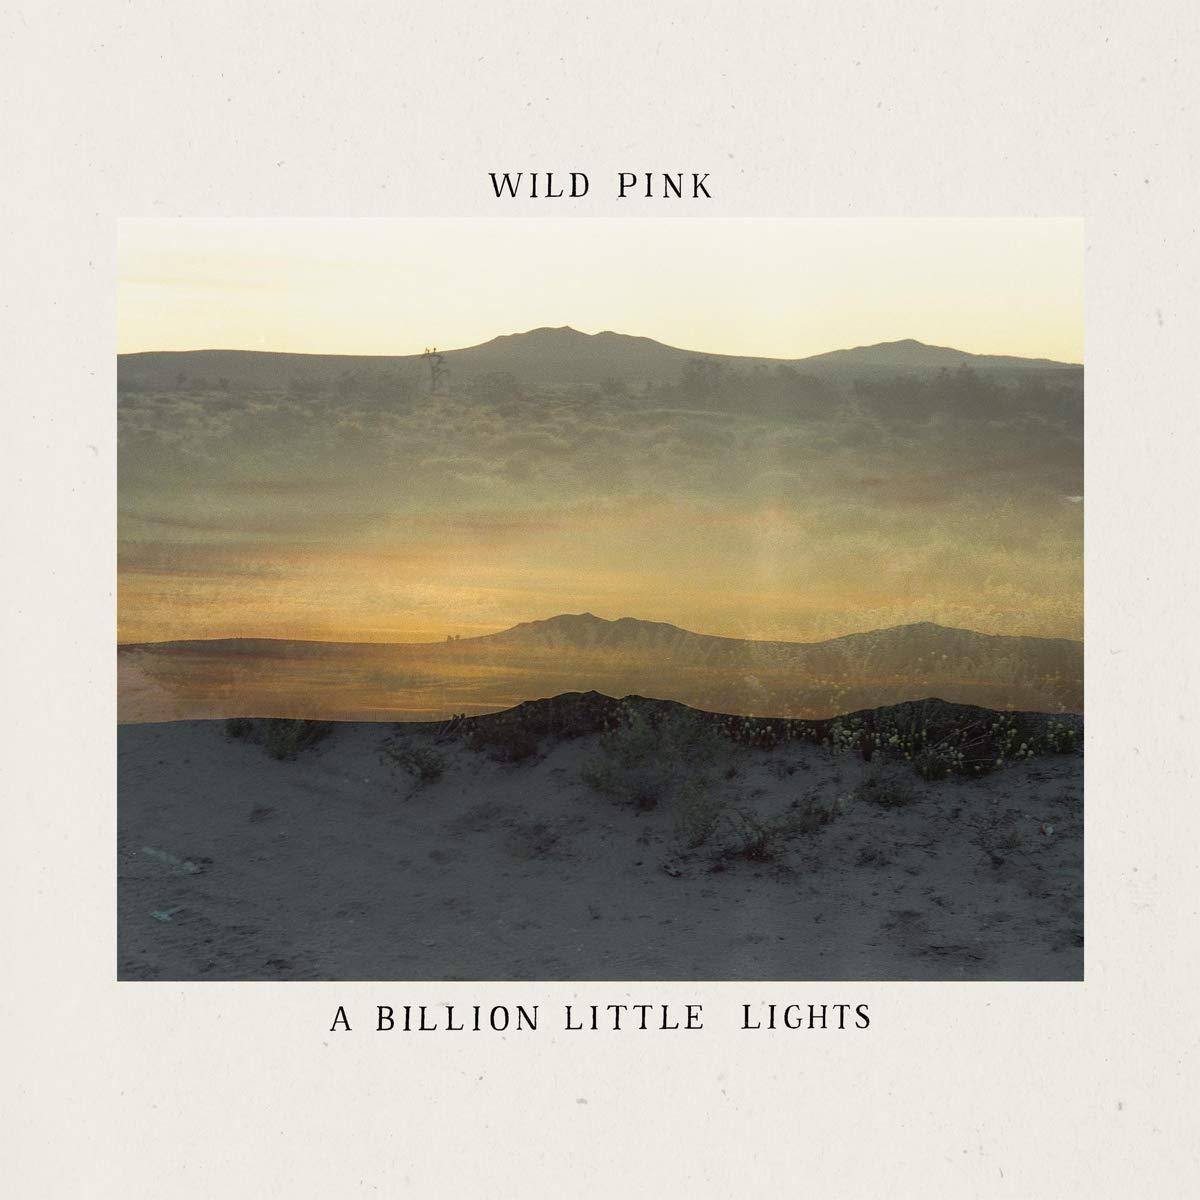 Wild Pink - A Billion Little Lights